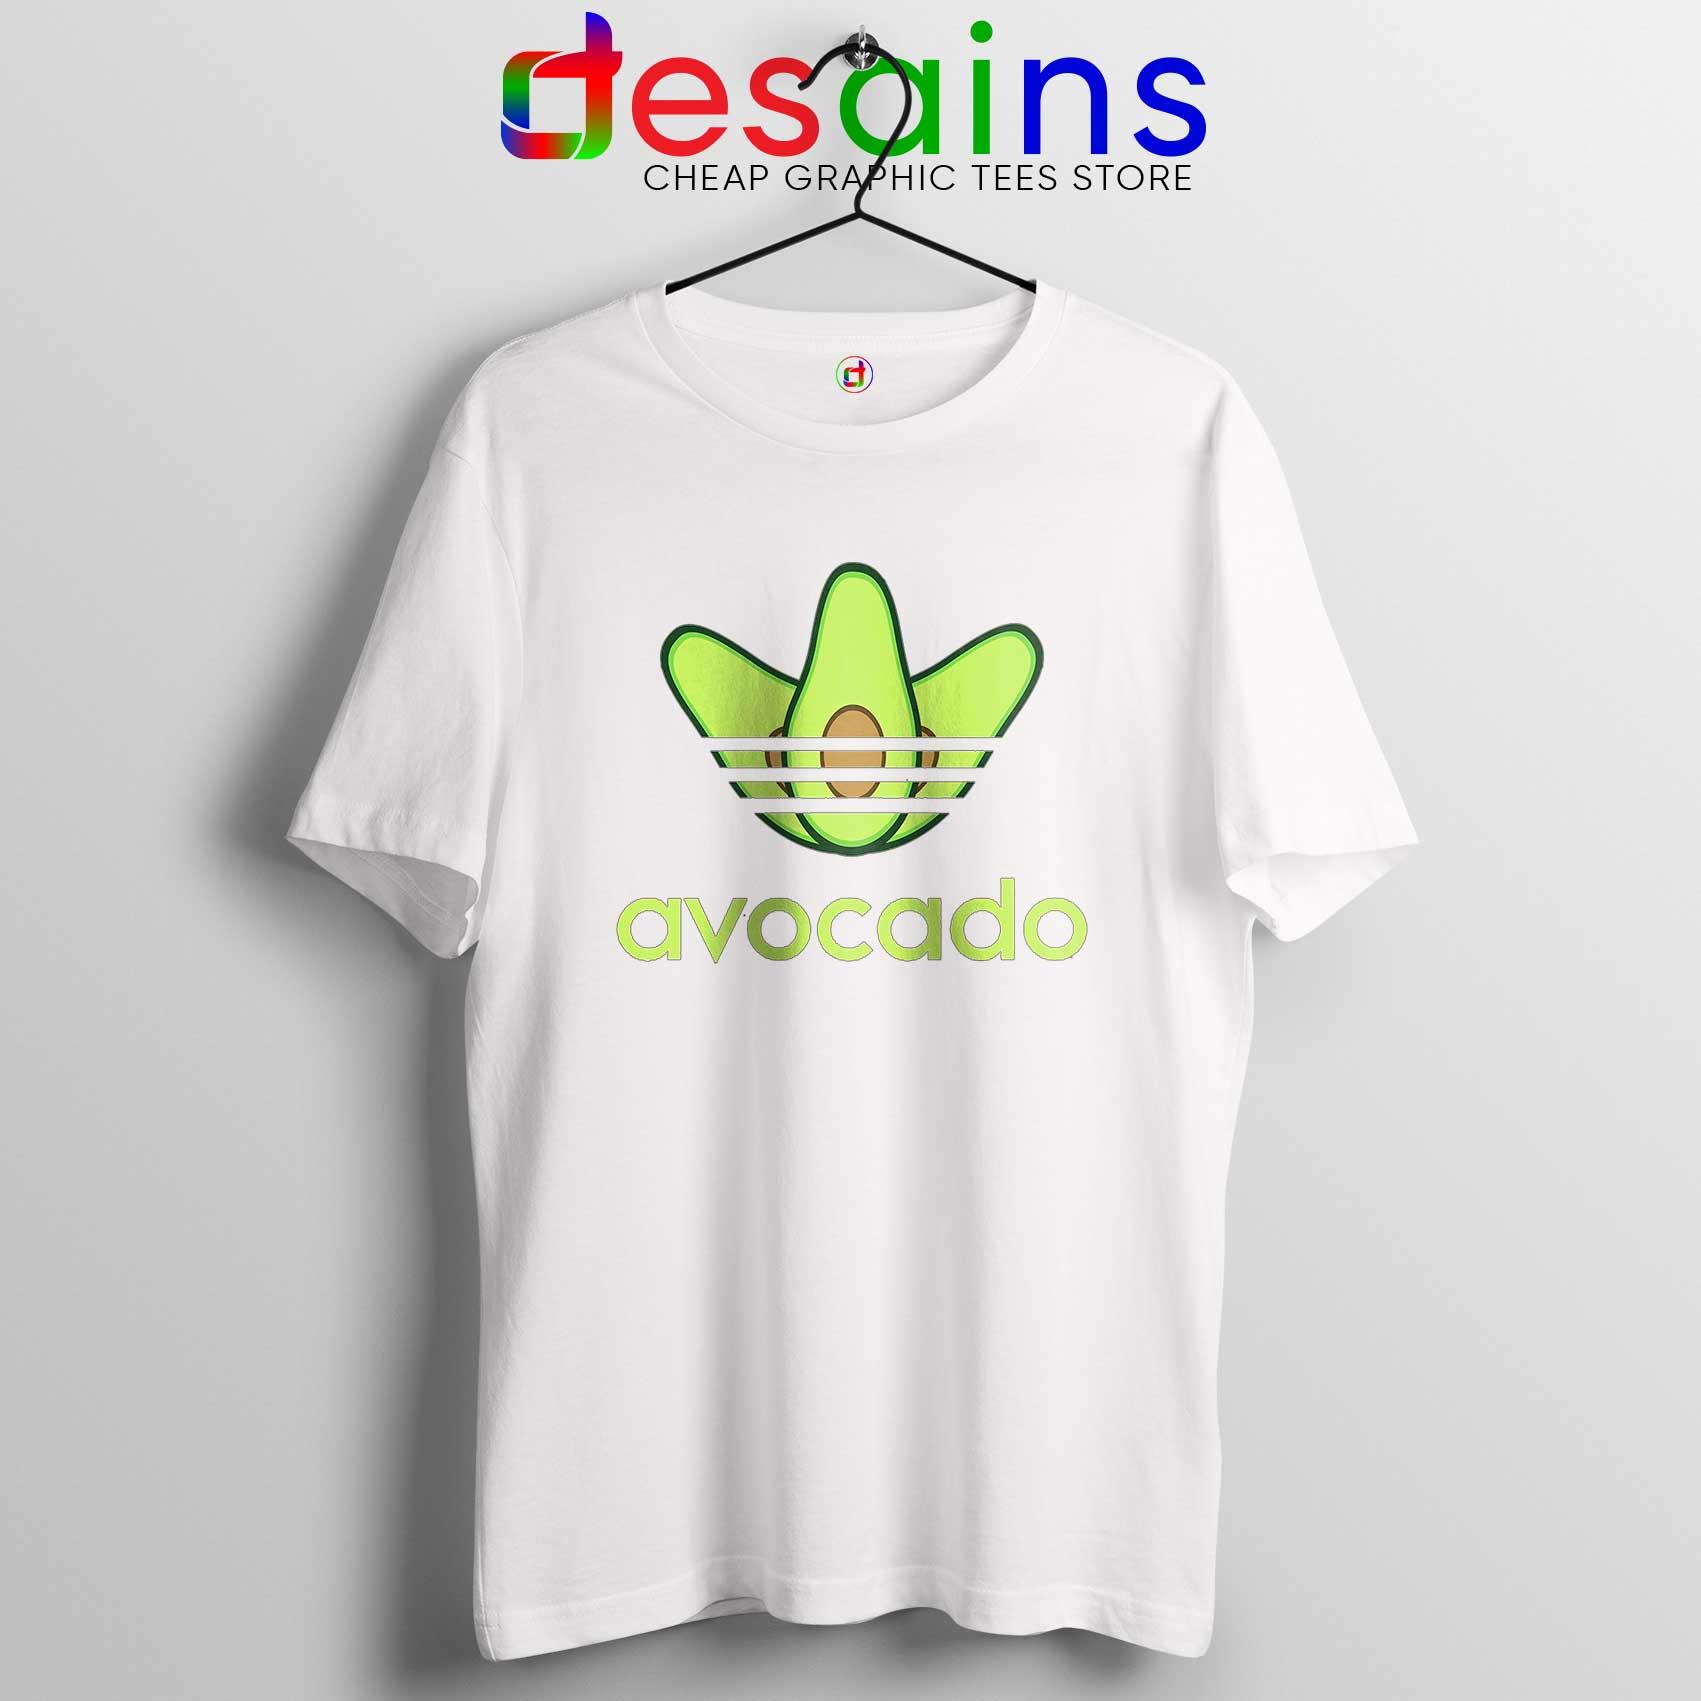 ee547ae606e2a Avocado Originals Three Stripes Tee Shirt Cheap Adidas Size S-3XL